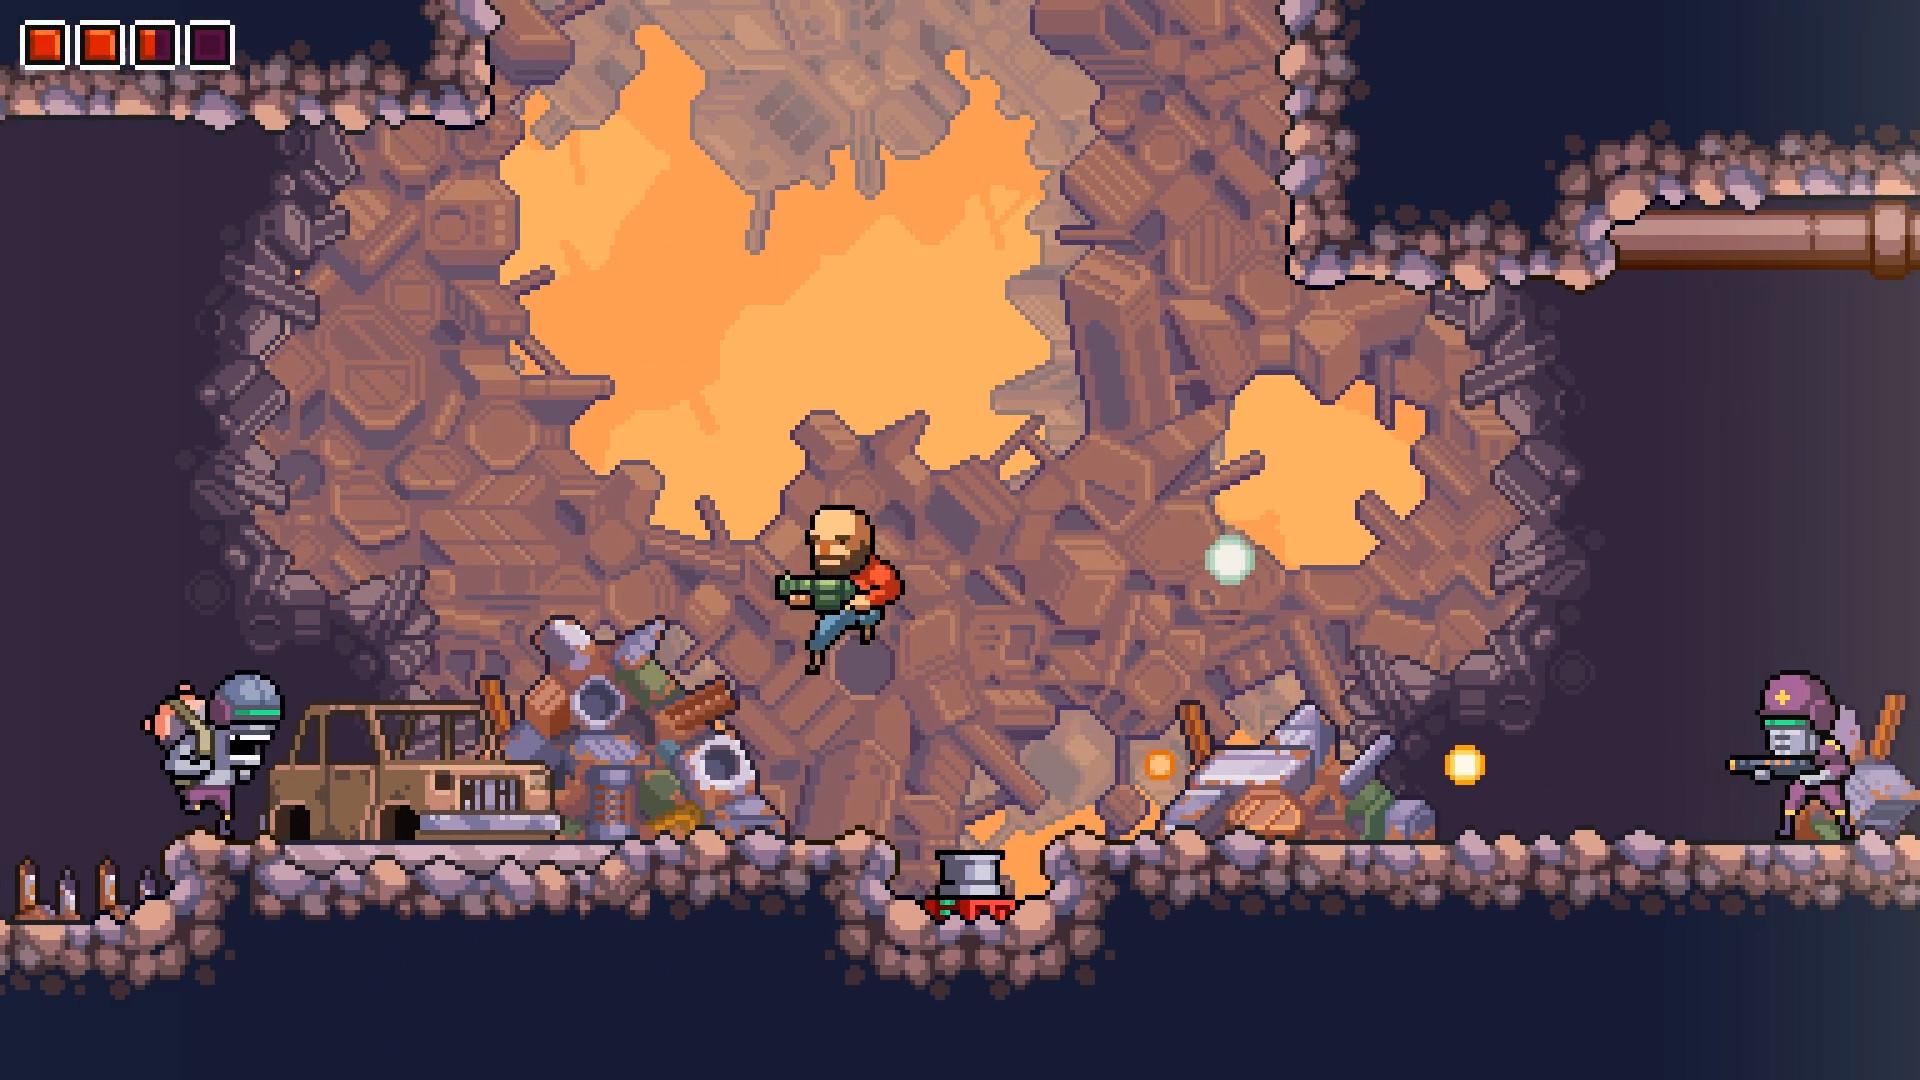 com.steam.680340-screenshot